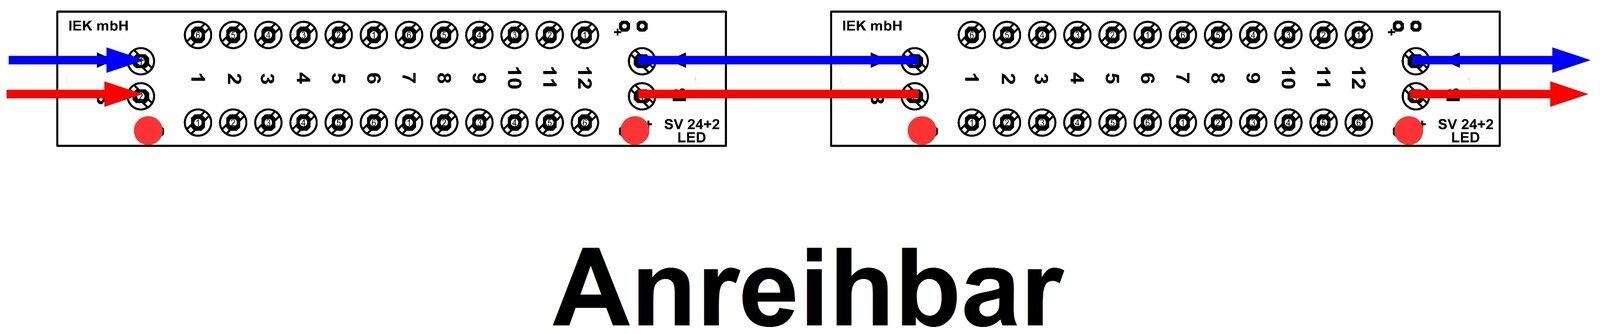 Ungewöhnlich Stromverteiler Schaltplan Ideen - Elektrische ...